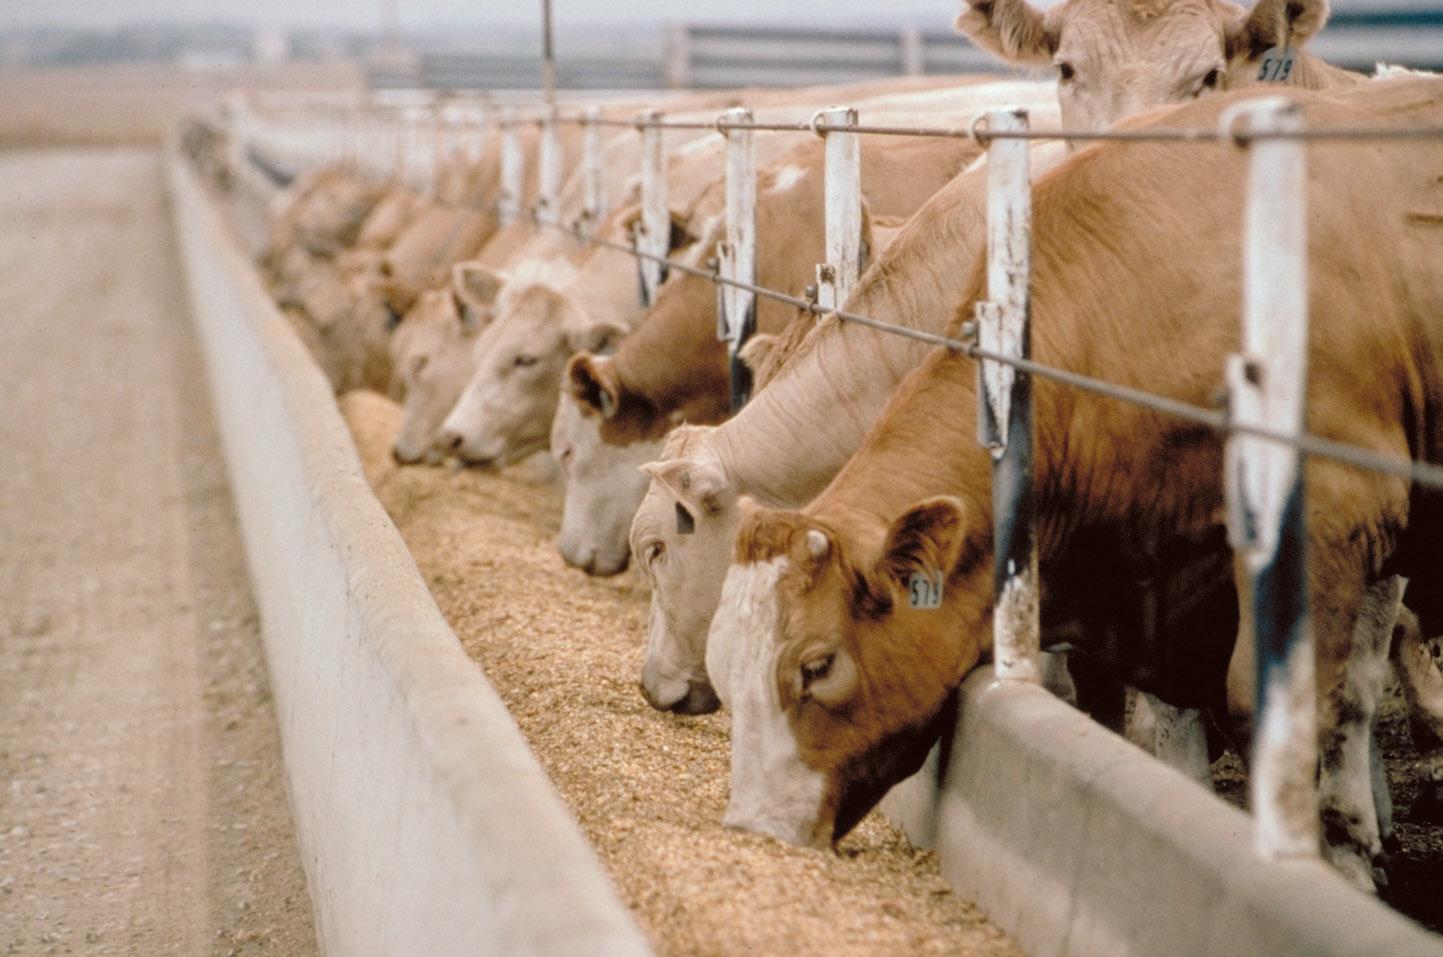 cattle_grain_feed